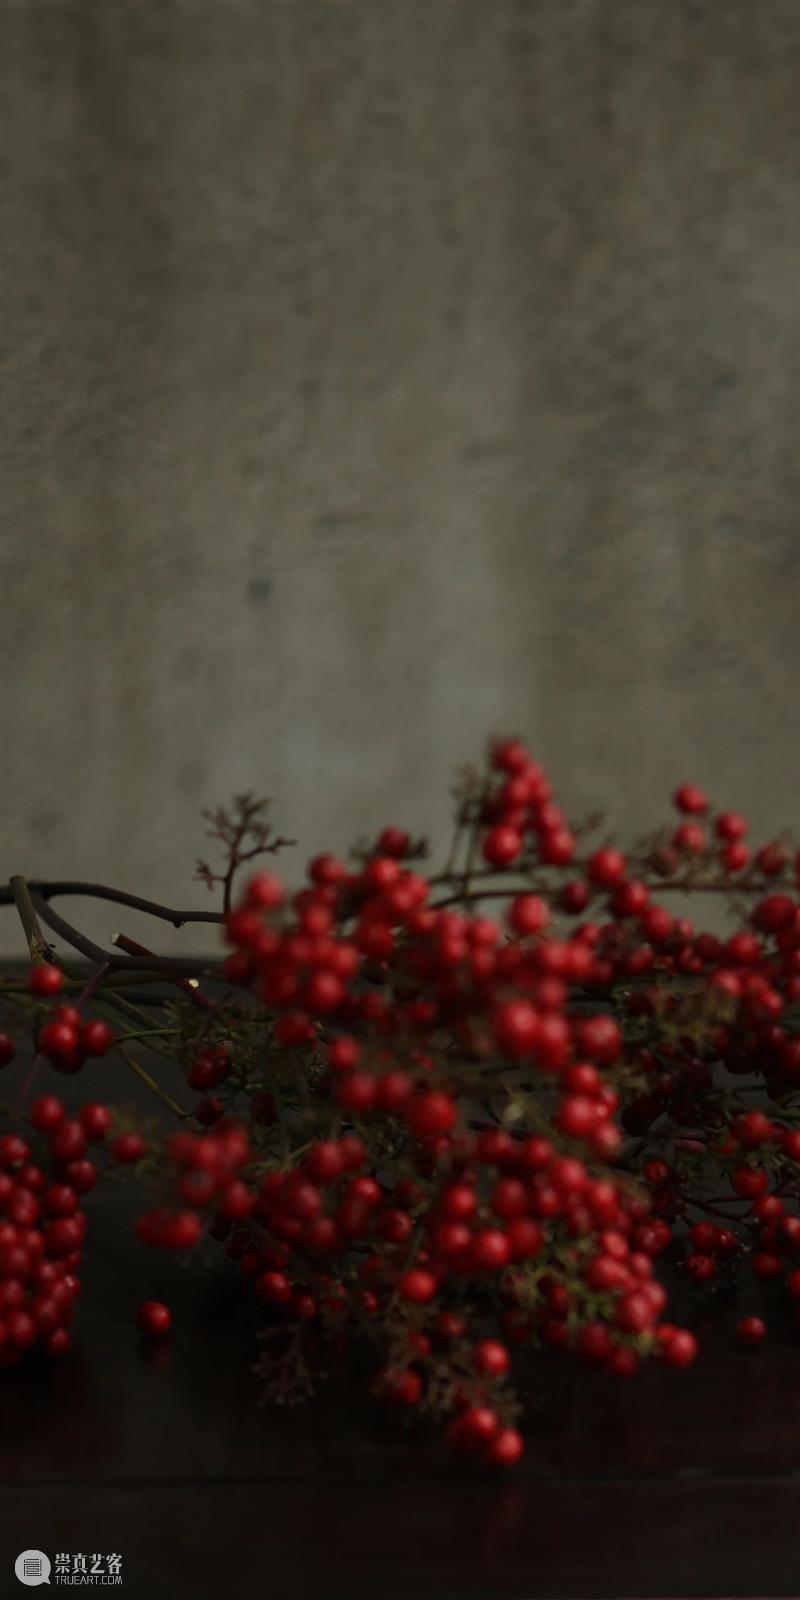 【保利拍卖】纵寒已是春寒了 纵寒 春寒 保利拍卖 新韶如意 一封信敬启者 时节 京华 天气 阴霾 大风 崇真艺客